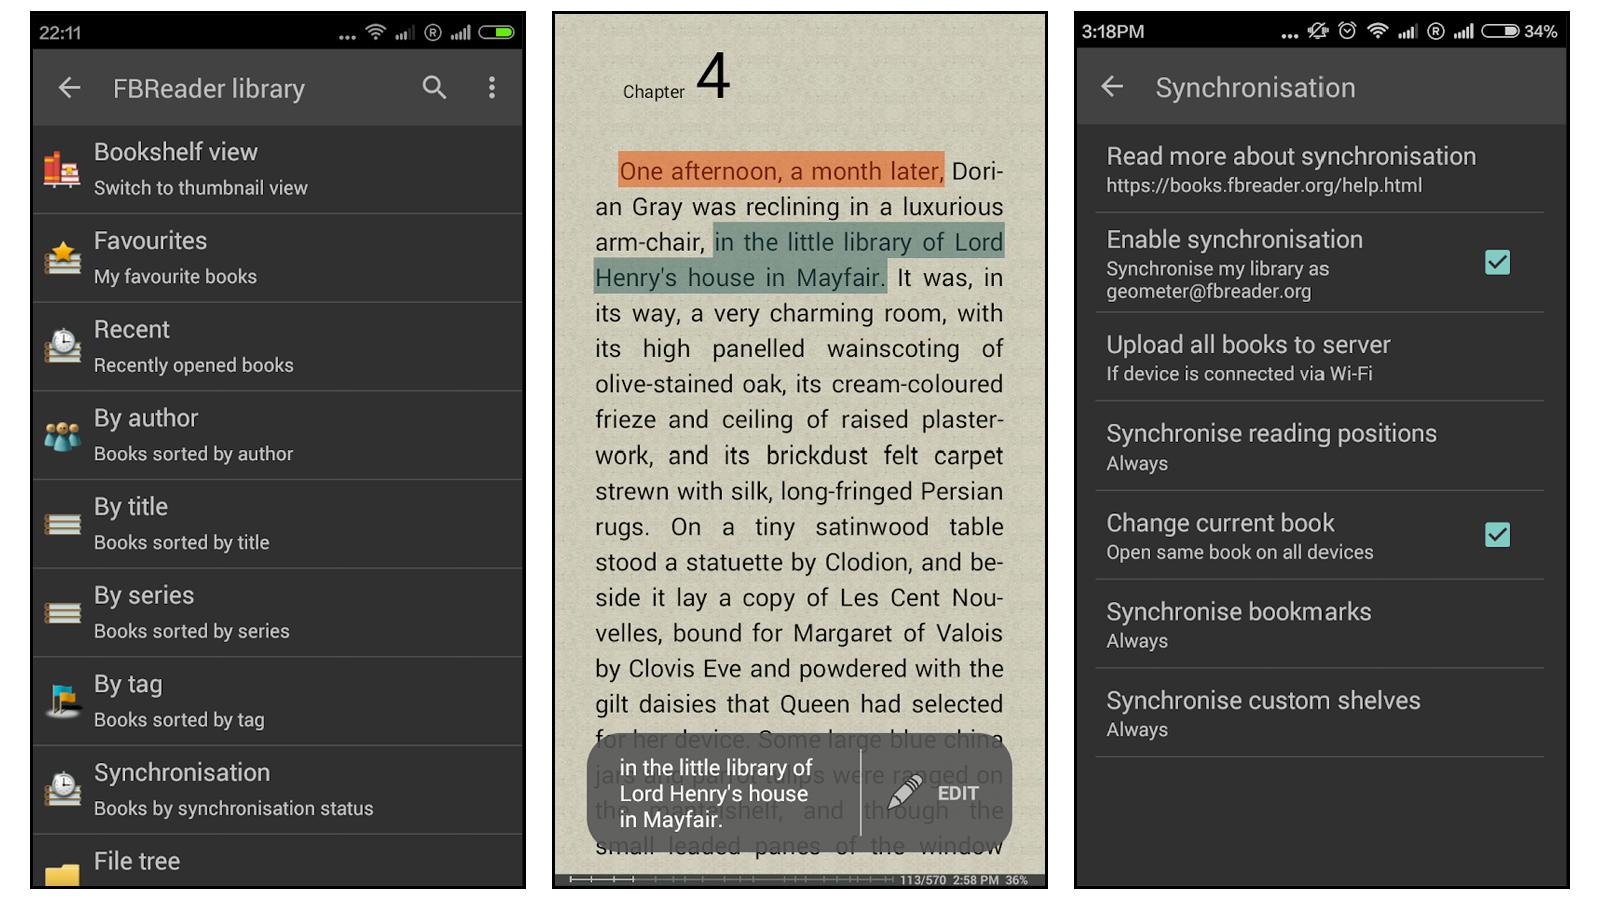 FBReader best book reading app for uploading your own books